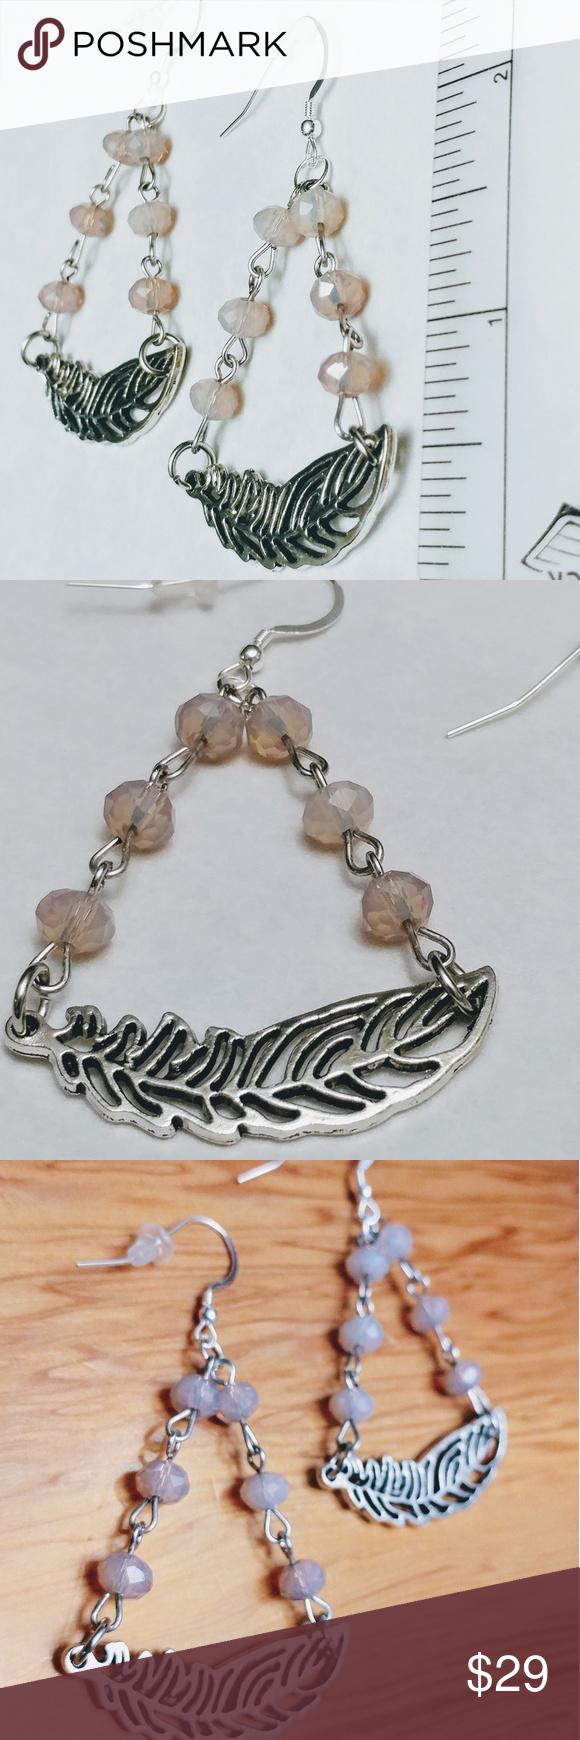 Fabulous Hetty Sterling Silver Feather Earrings